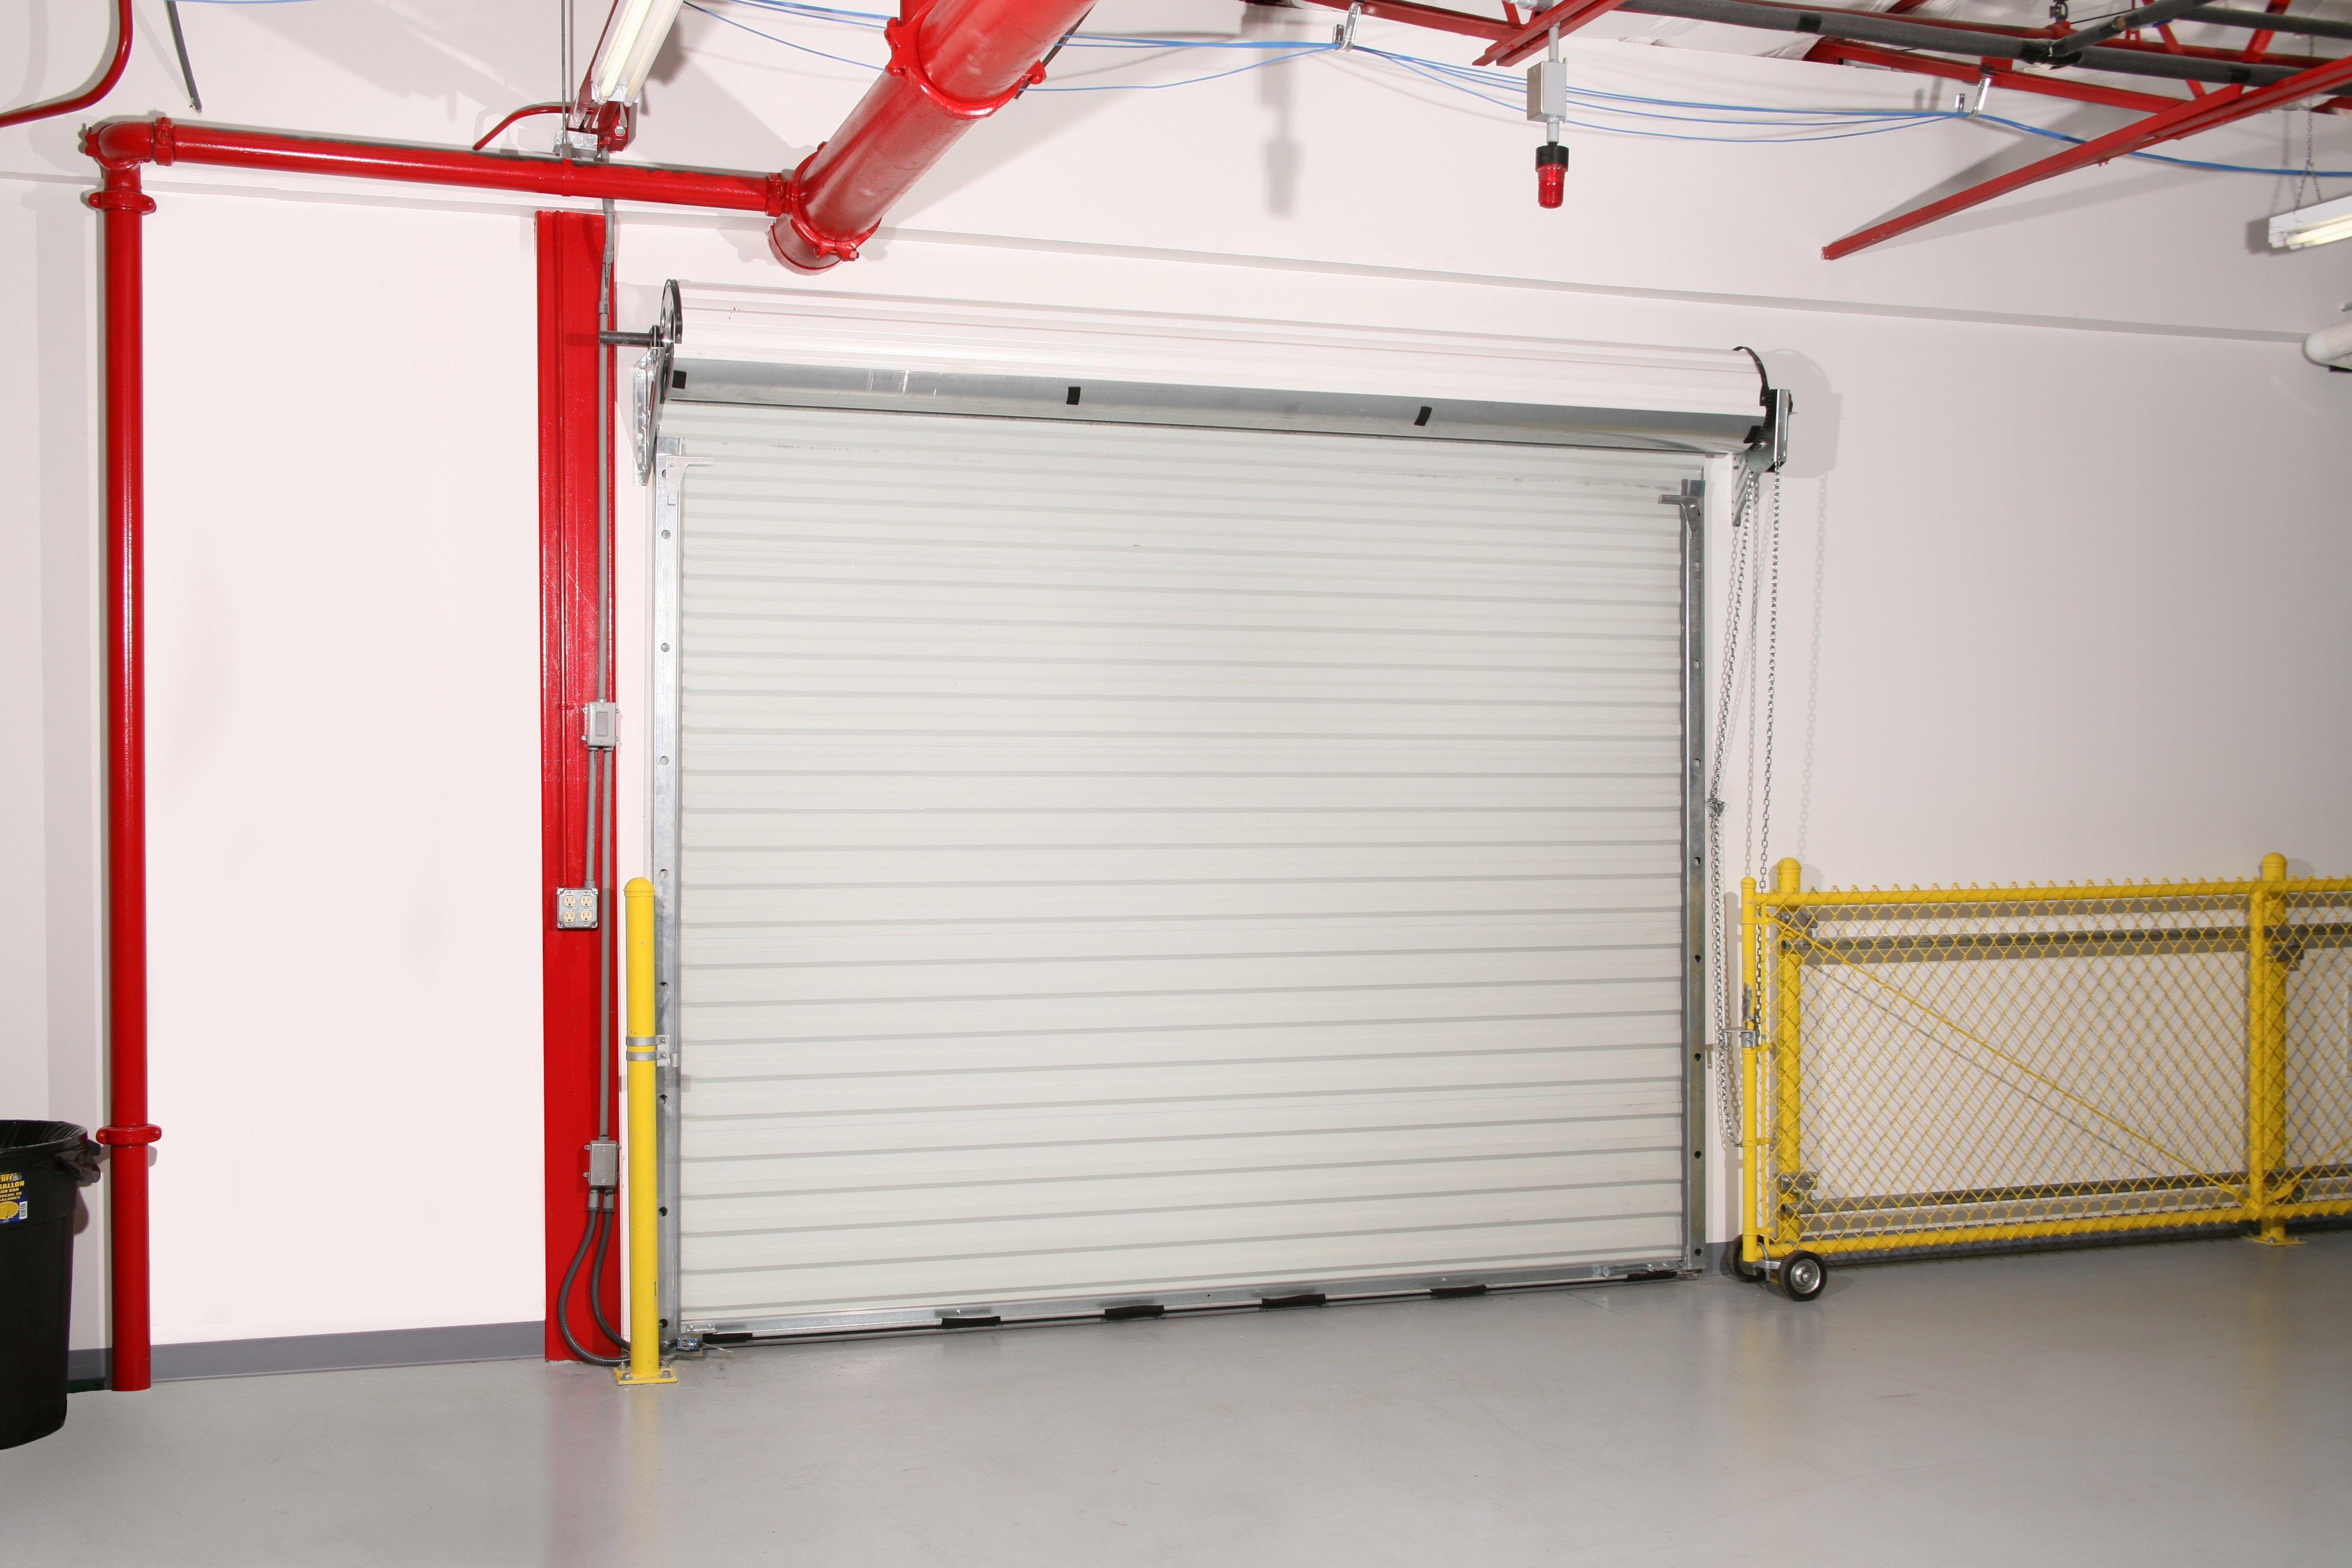 16 By 16 Rolling Sheet Door In 2020 Steel Curtain Steel Sheet Doors